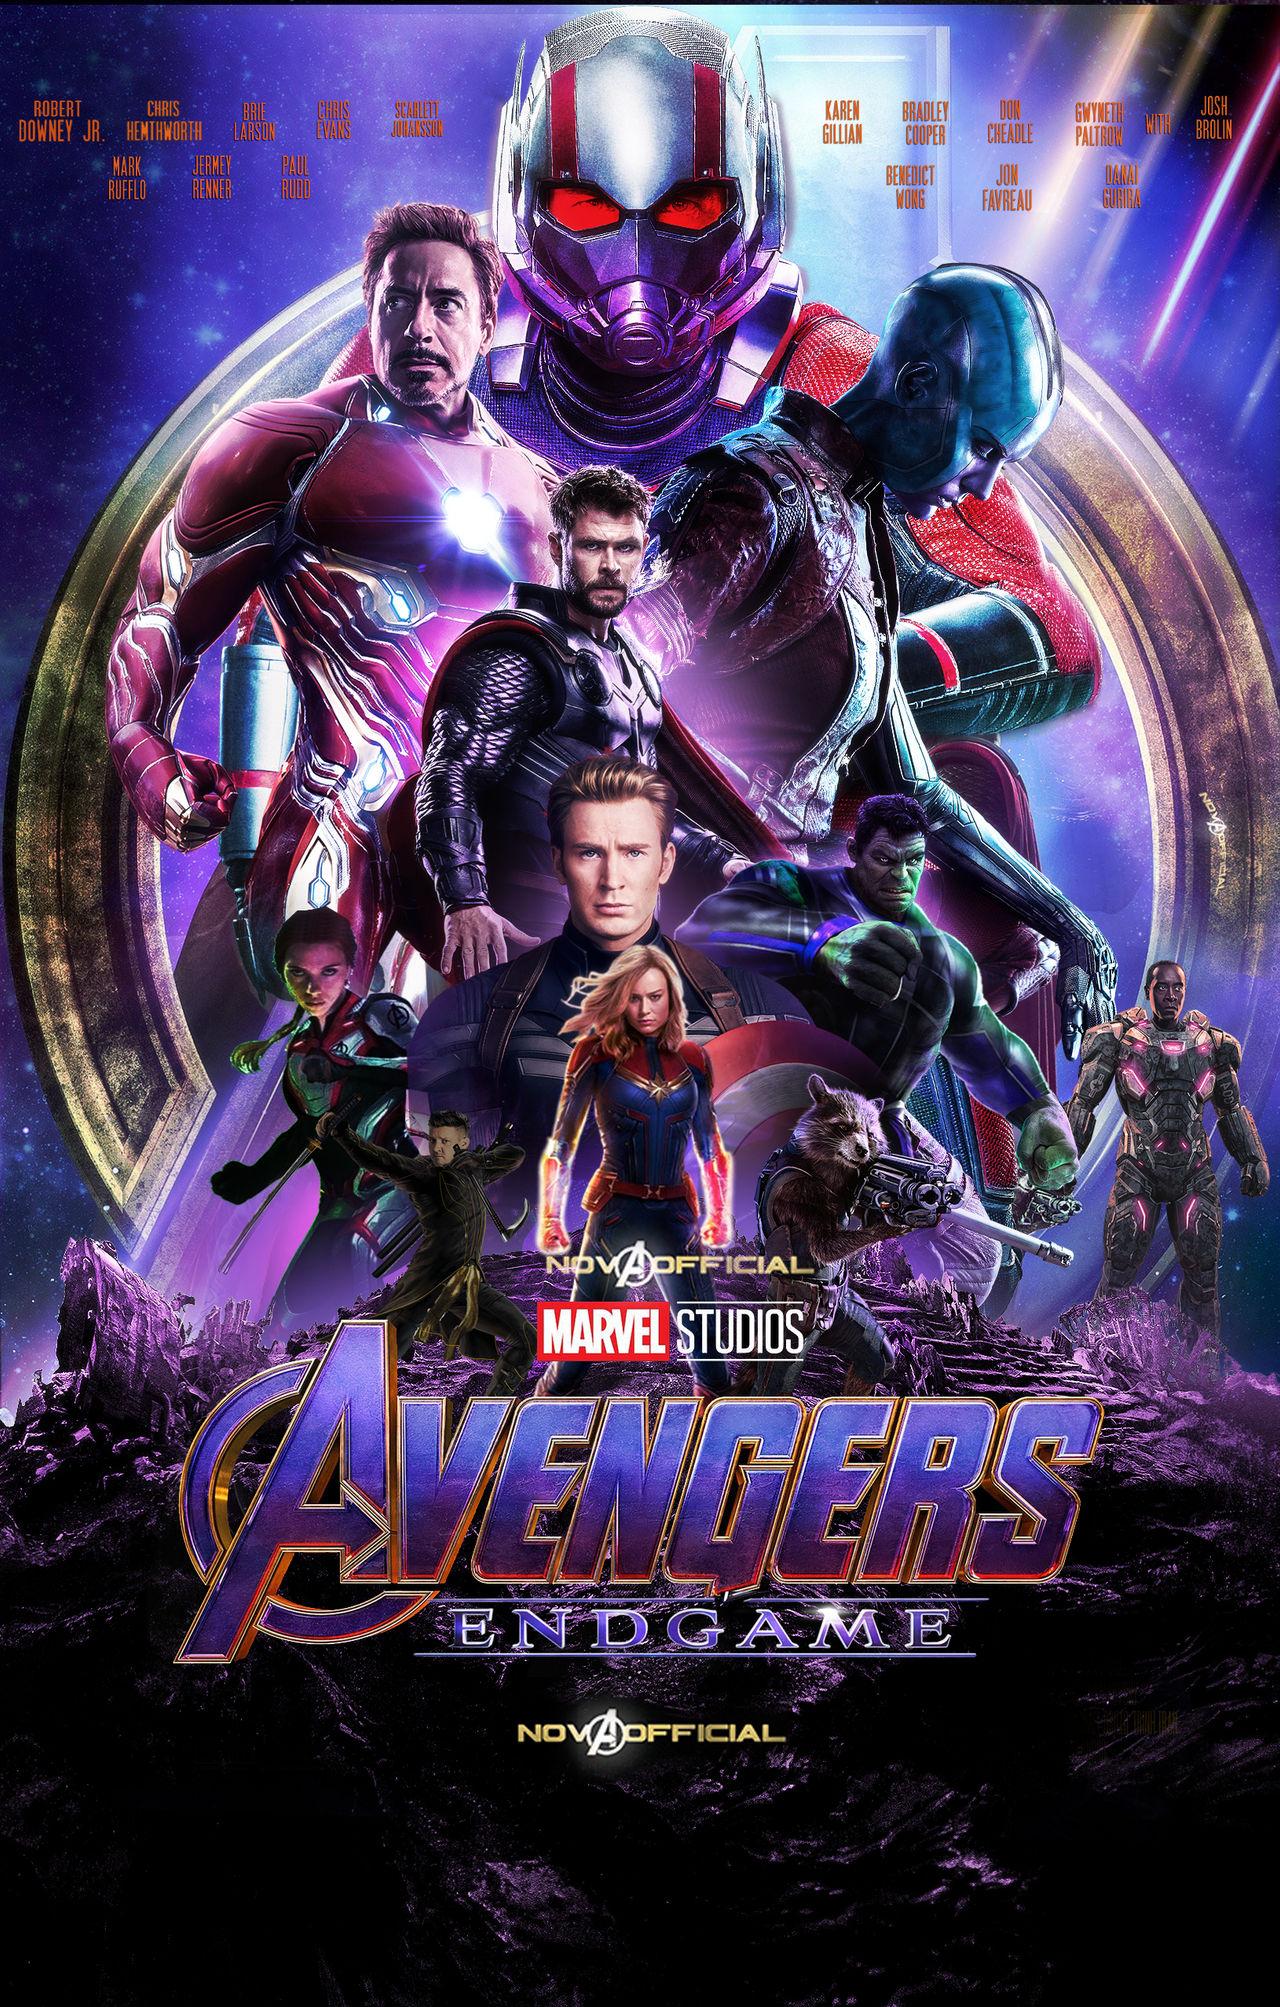 AVENGERS : ENDGAME - 2019 - Russo Brothers Avengers_endgame_poster_by_iamtherealnova_dcu3a1p-fullview.jpg?token=eyJ0eXAiOiJKV1QiLCJhbGciOiJIUzI1NiJ9.eyJzdWIiOiJ1cm46YXBwOjdlMGQxODg5ODIyNjQzNzNhNWYwZDQxNWVhMGQyNmUwIiwiaXNzIjoidXJuOmFwcDo3ZTBkMTg4OTgyMjY0MzczYTVmMGQ0MTVlYTBkMjZlMCIsIm9iaiI6W1t7ImhlaWdodCI6Ijw9MjAwNyIsInBhdGgiOiJcL2ZcLzY3NGIzNmYwLTc3NzEtNDE4OC1iMzgyLWFkZTJkNDk1NTQ0YVwvZGN1M2ExcC1hODdlYWMyZi0zZDI0LTRlYjgtOTBhNi0yYzc4MzEzNDQzNjIucG5nIiwid2lkdGgiOiI8PTEyODAifV1dLCJhdWQiOlsidXJuOnNlcnZpY2U6aW1hZ2Uub3BlcmF0aW9ucyJdfQ